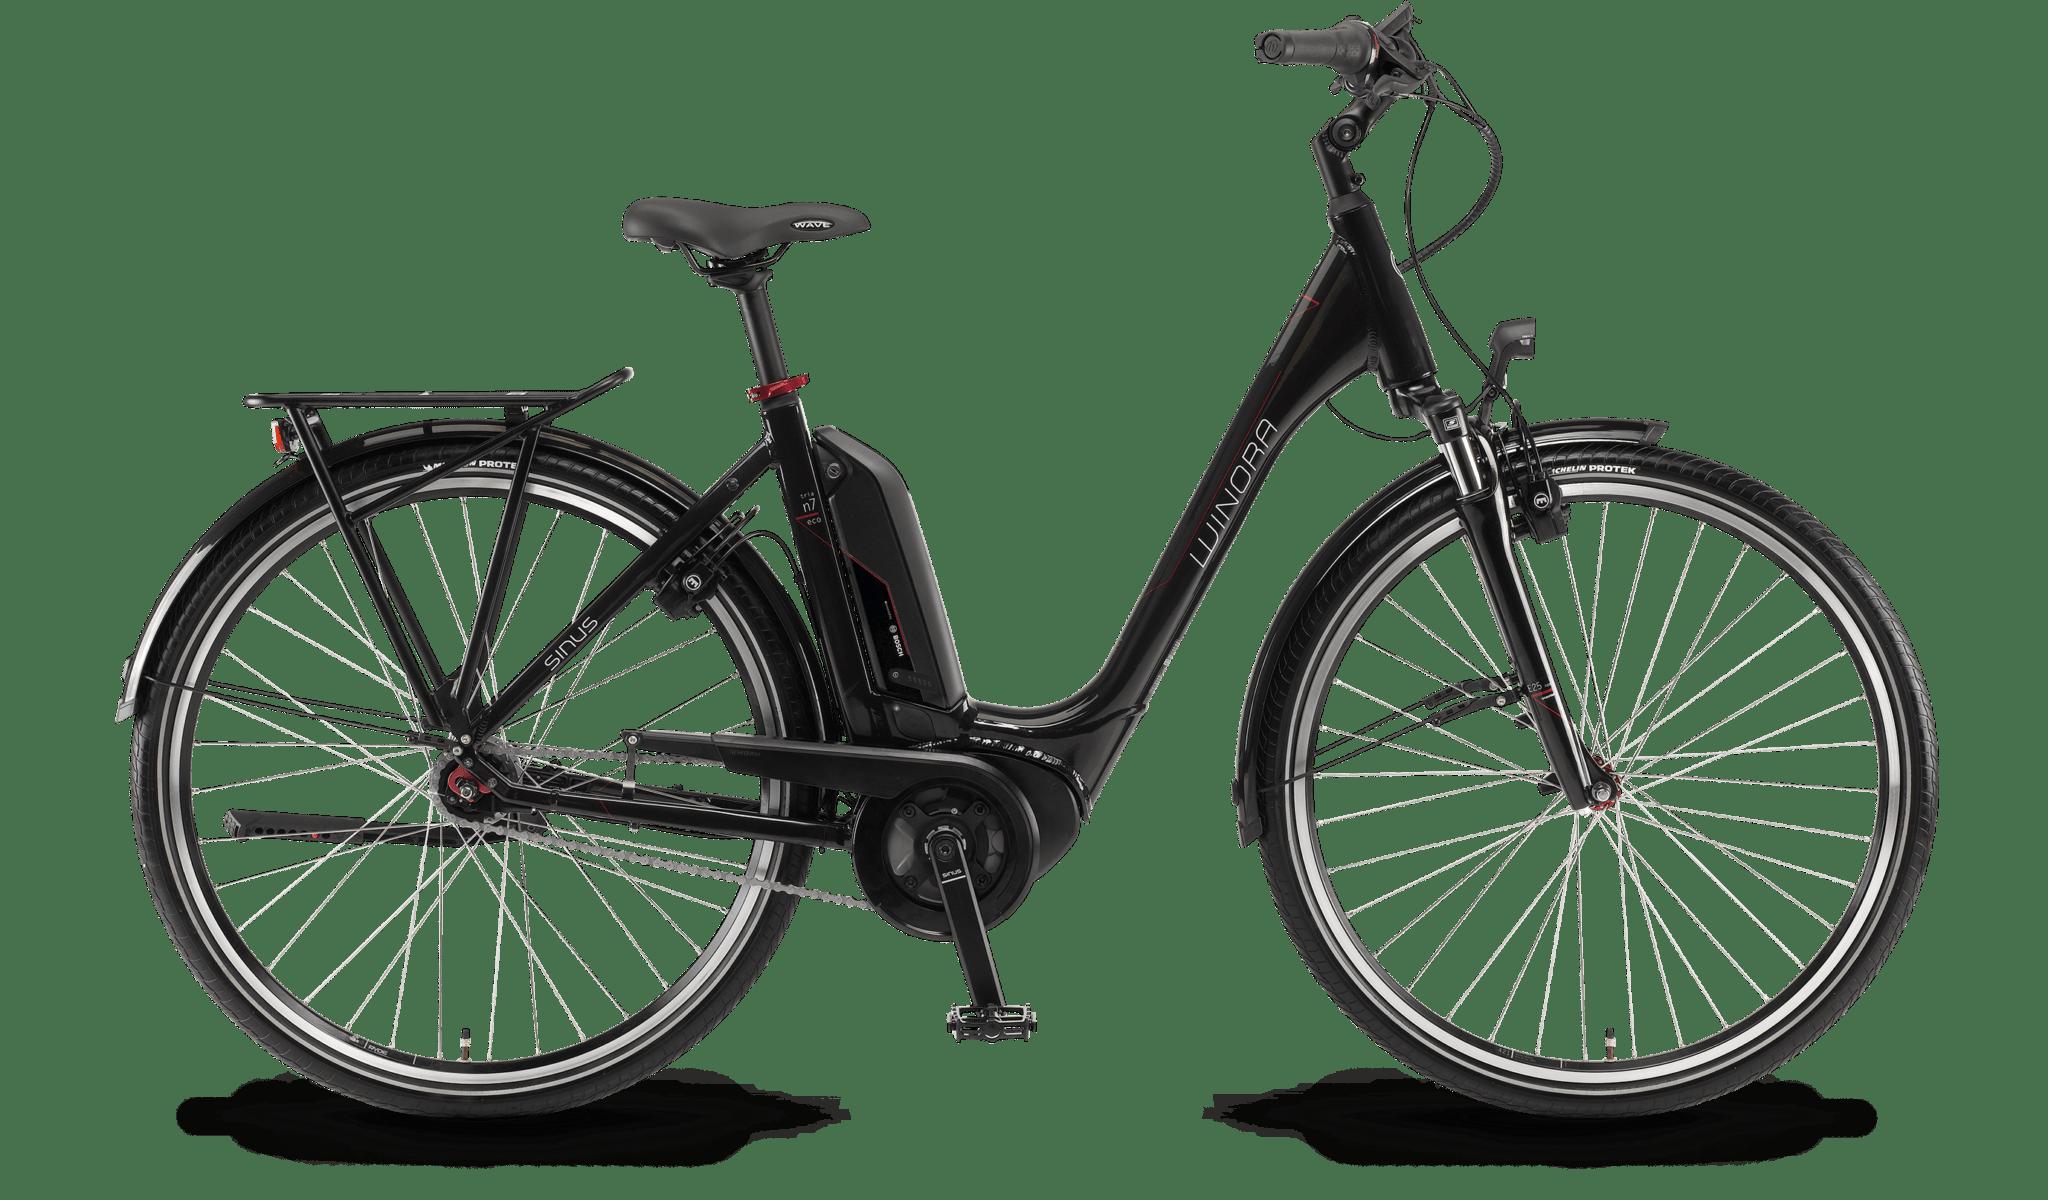 Vélo électrique Genève - Winora Tria N7eco